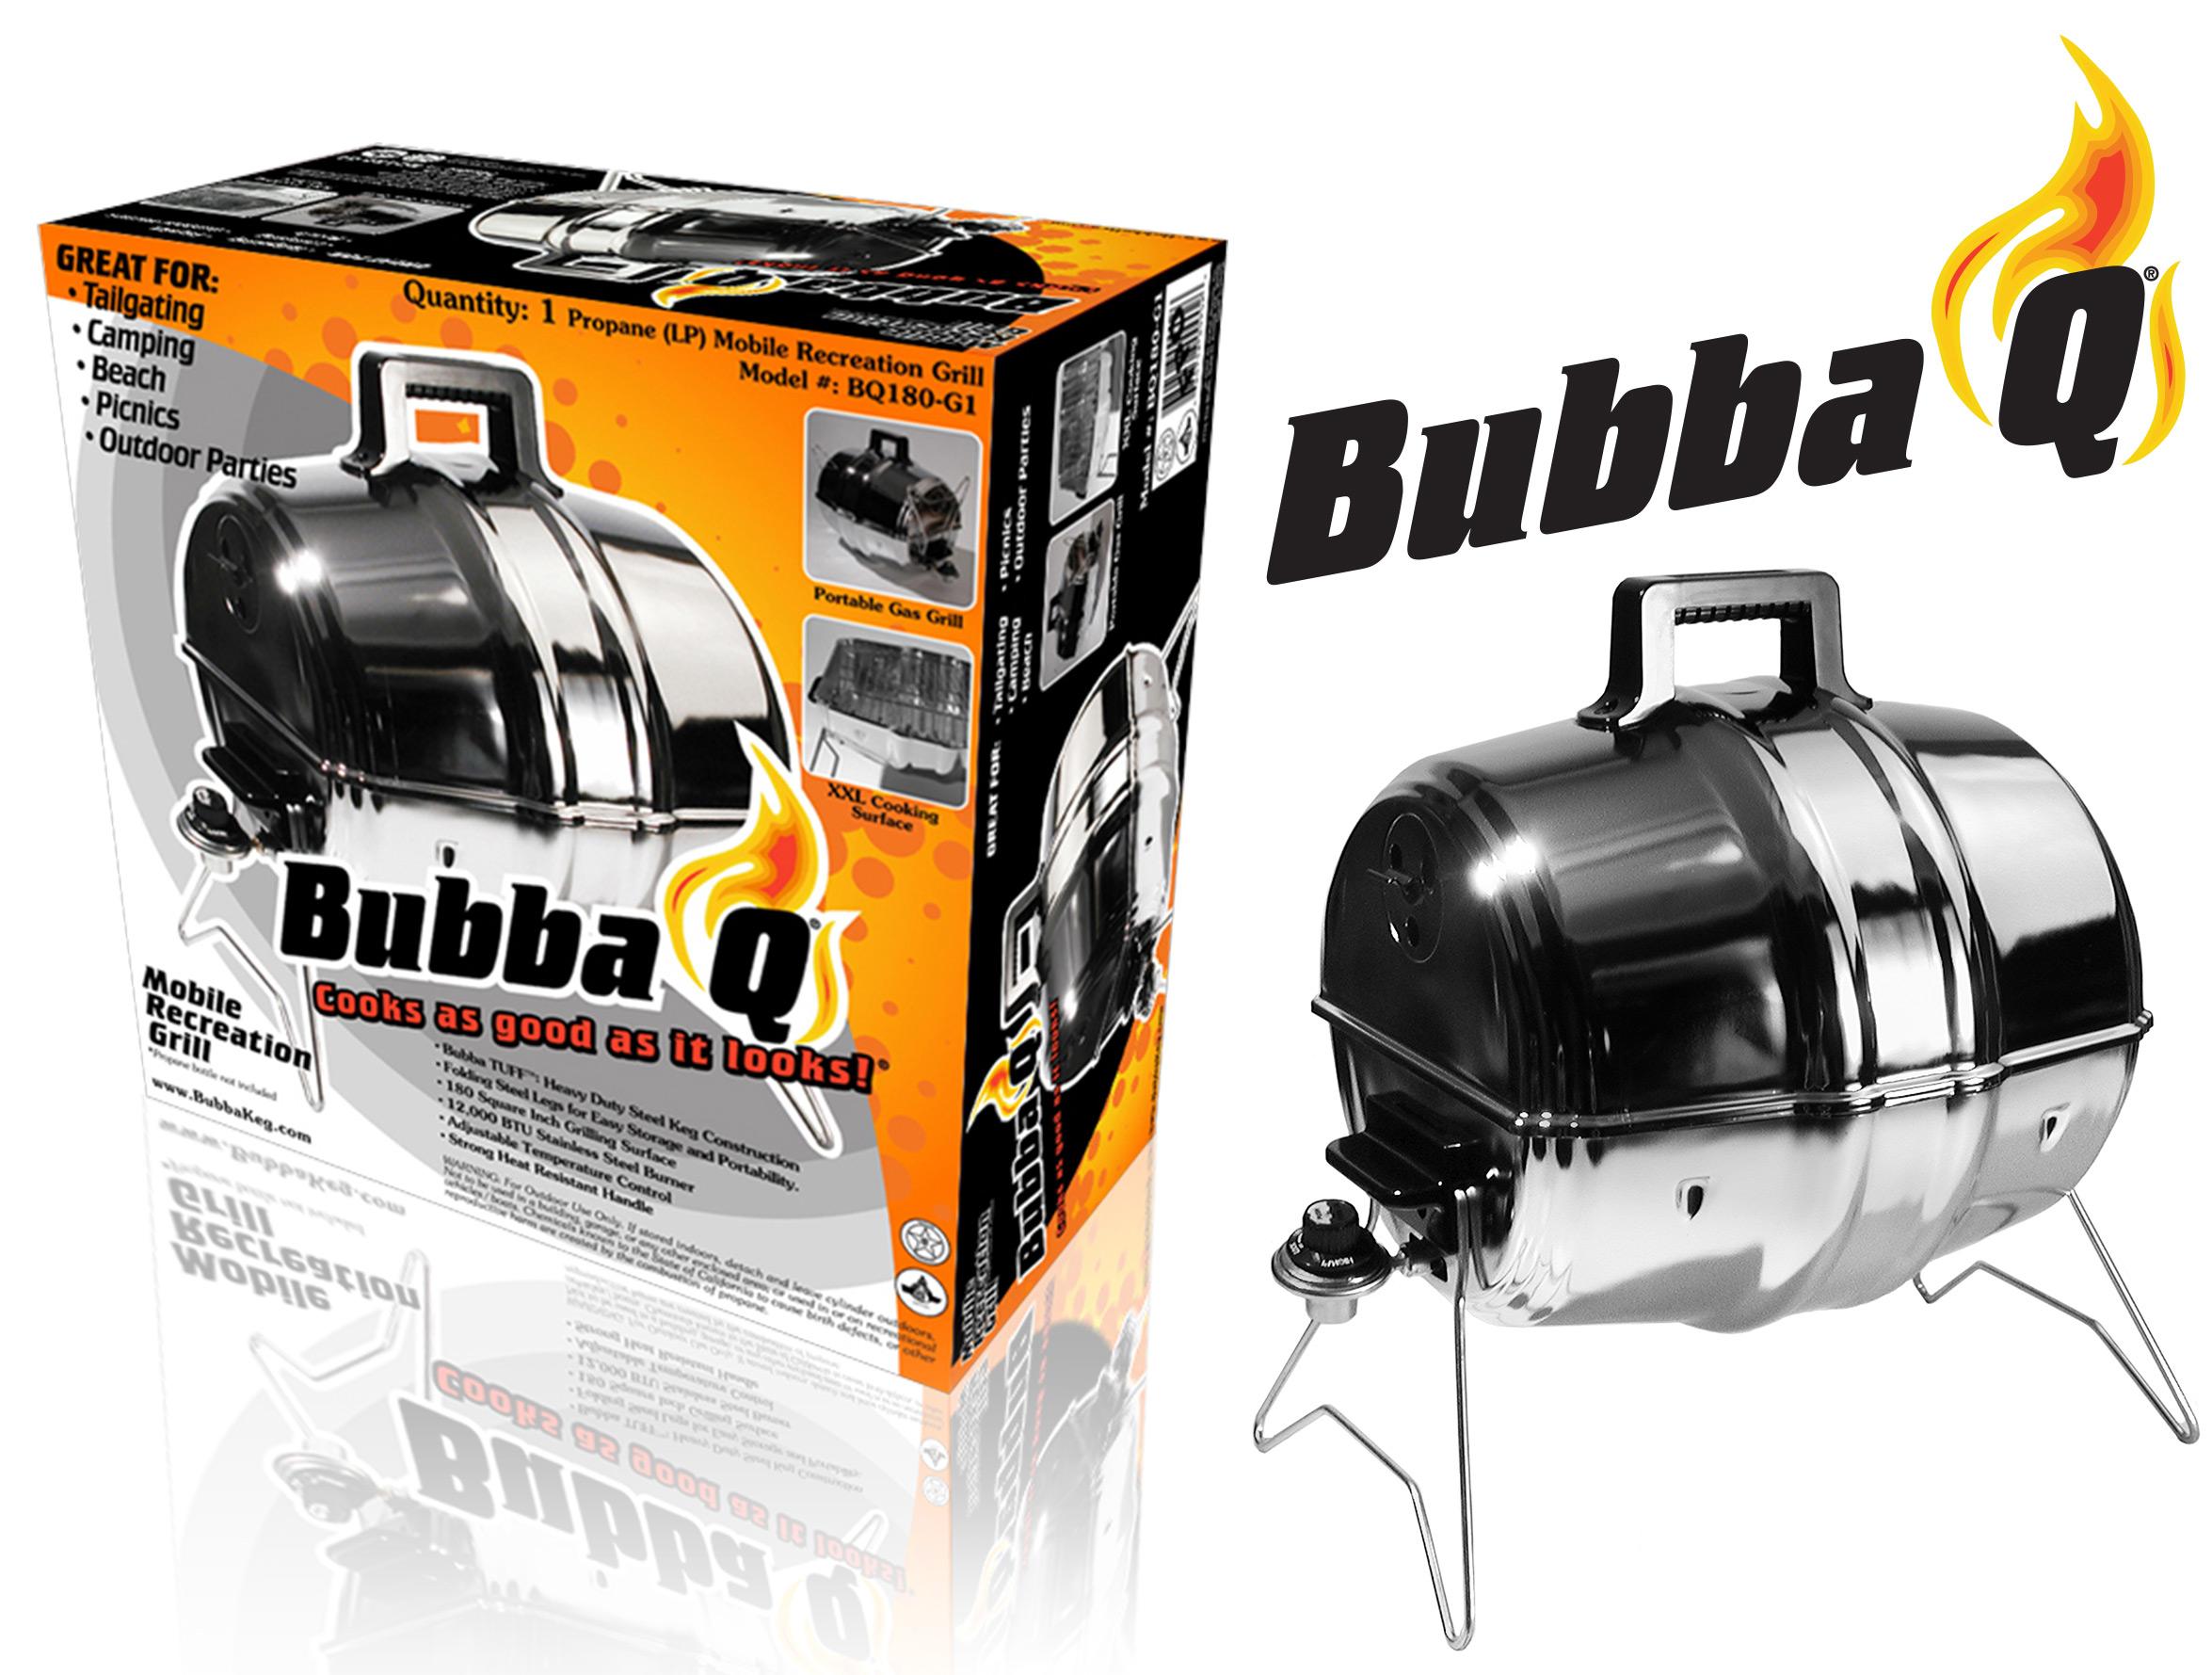 BubbaQ_001